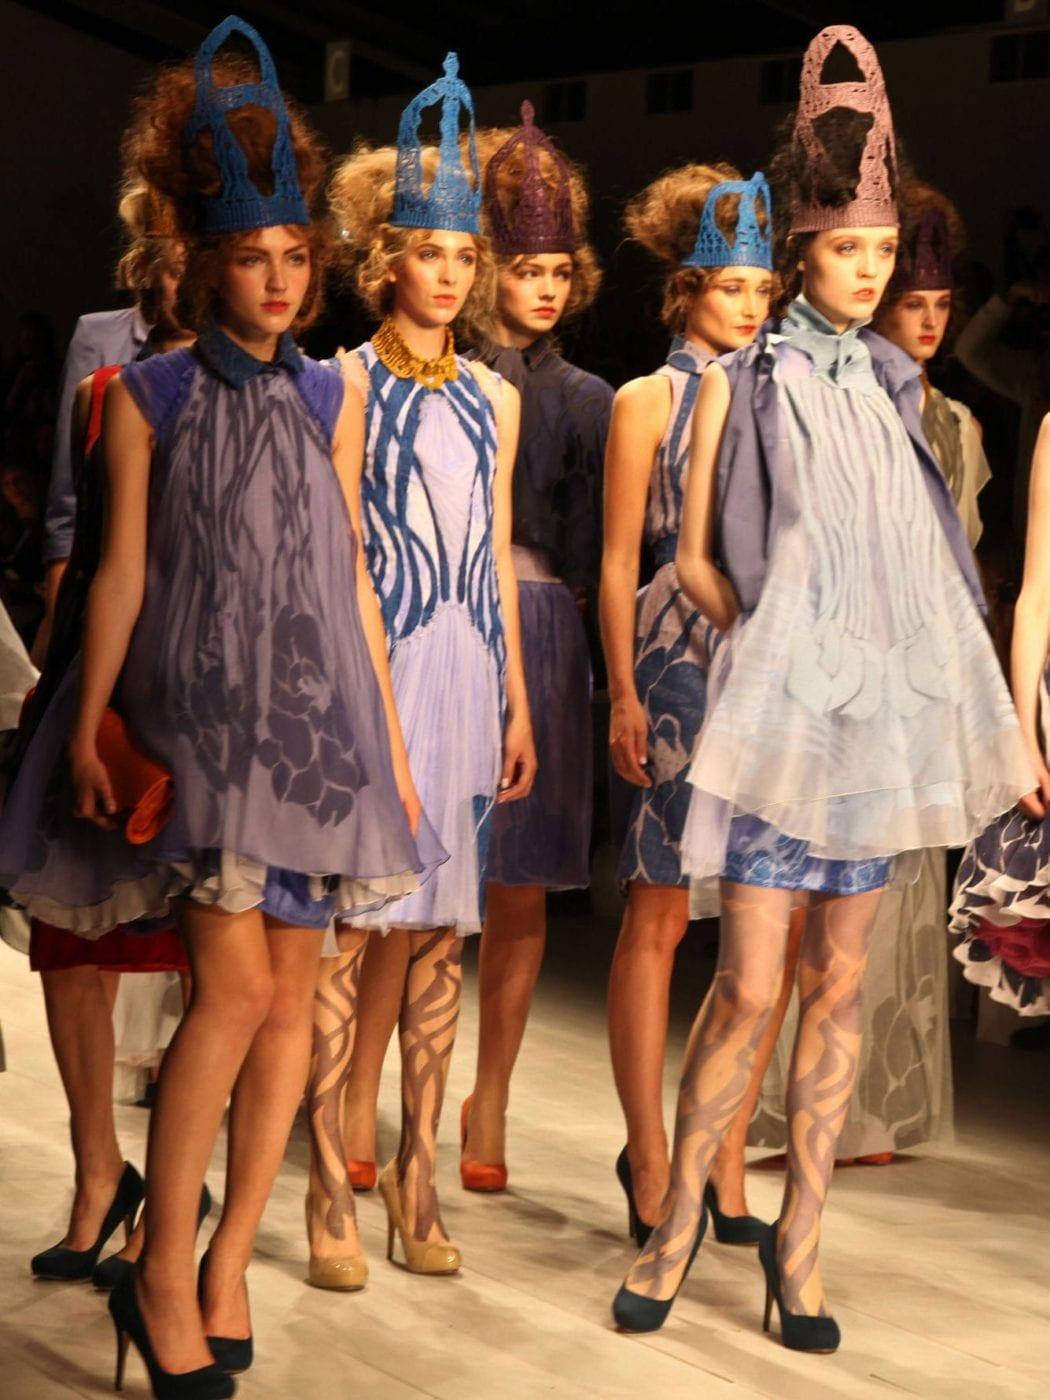 London Fashion Week 2012 - Bora Asku